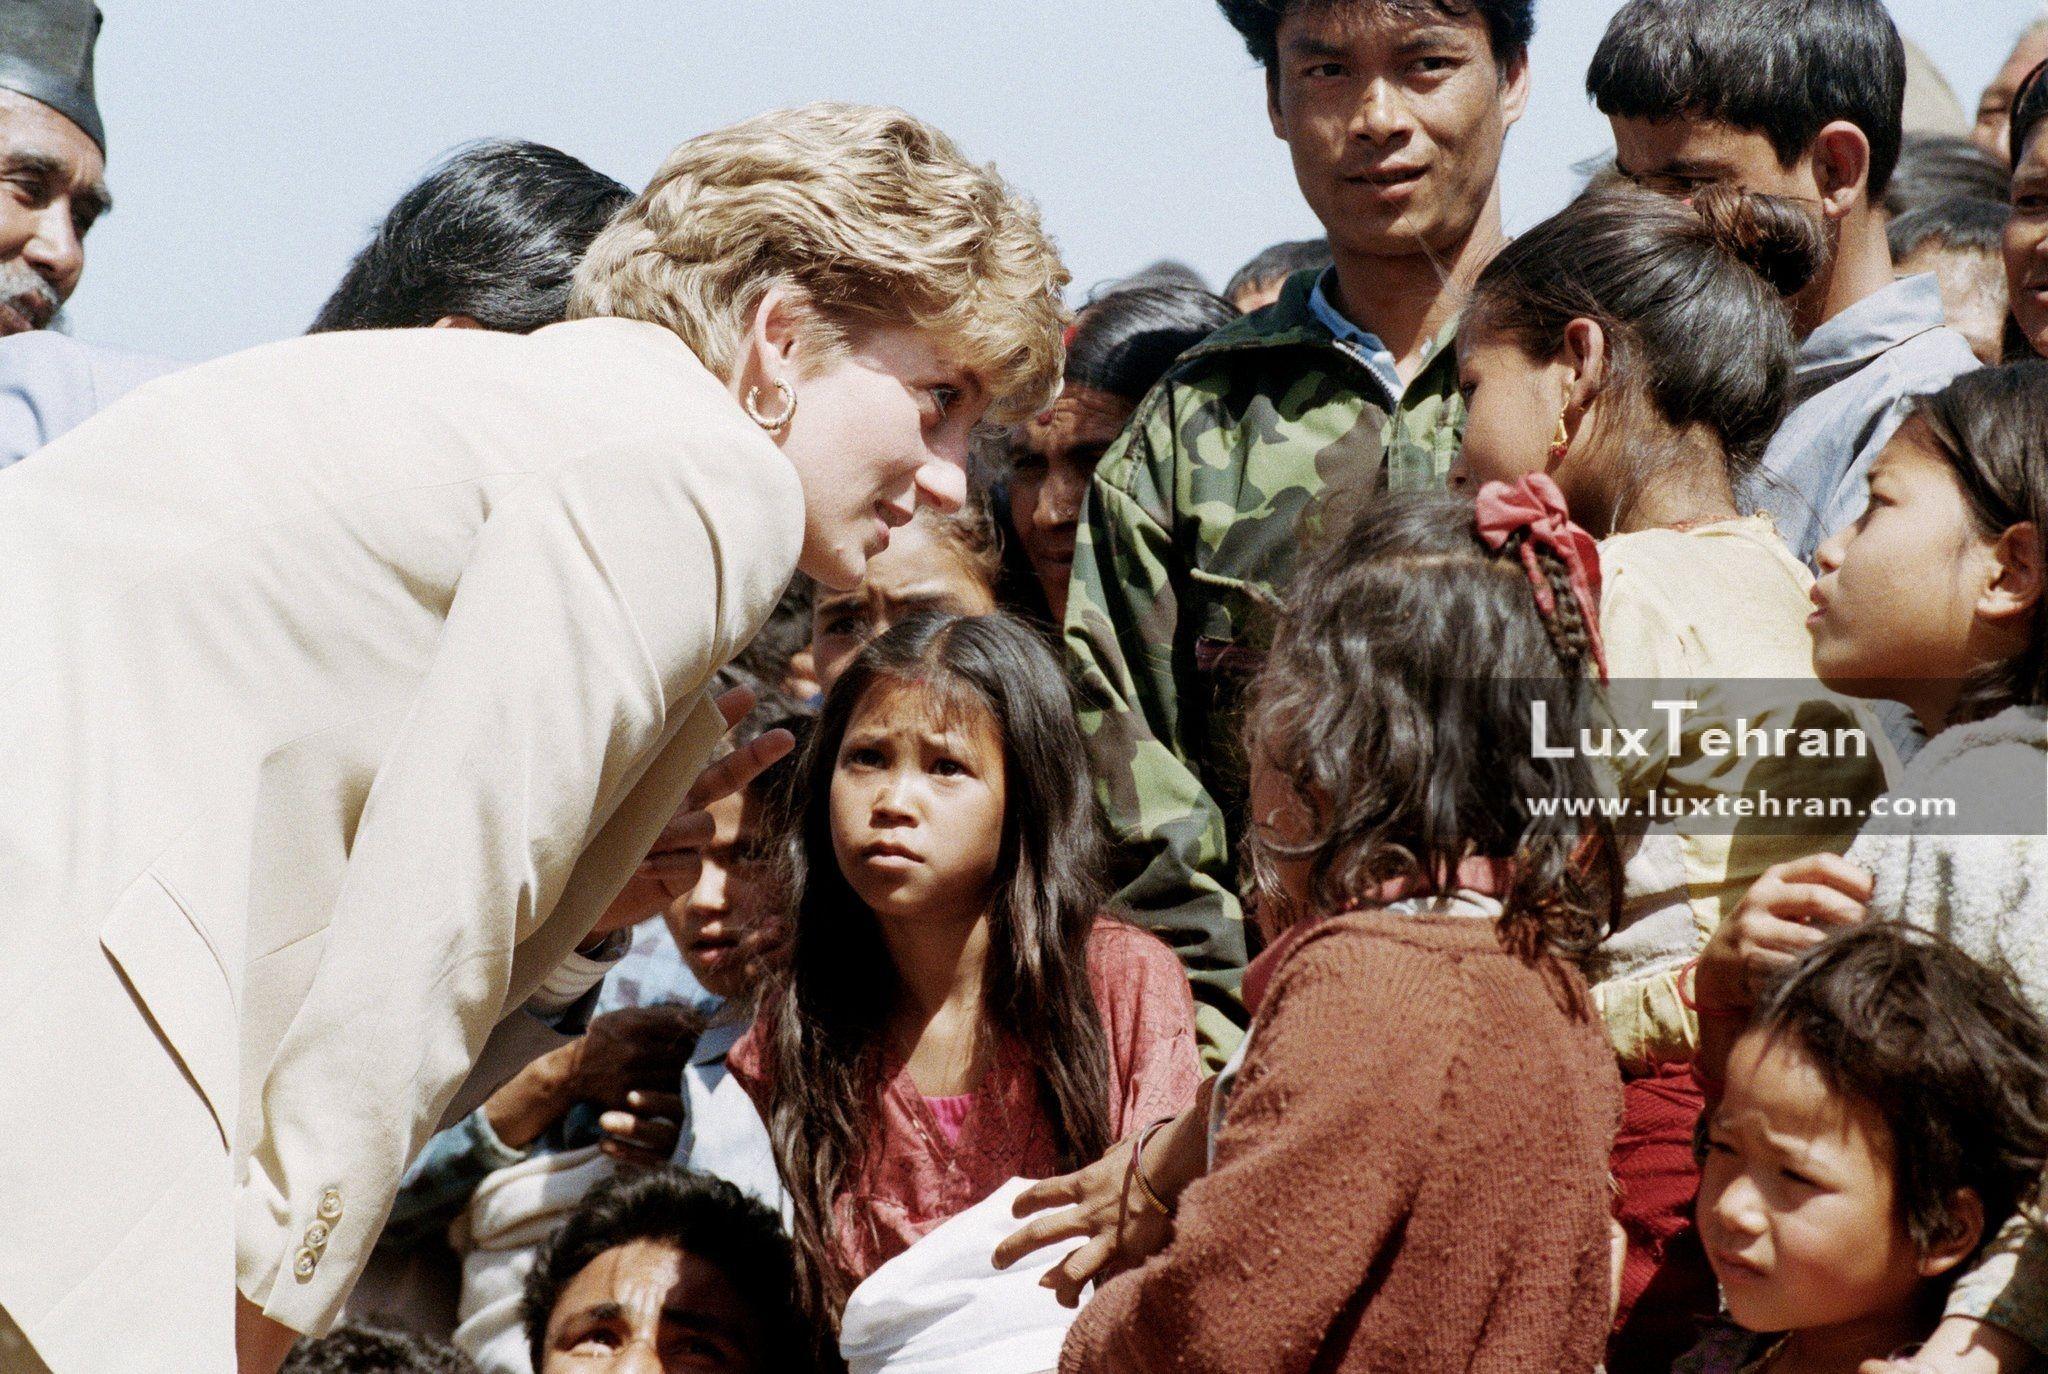 تصویری از پرنسس دایانا در زمان دیدارهای رسمی از کشورهای مختلف جهان